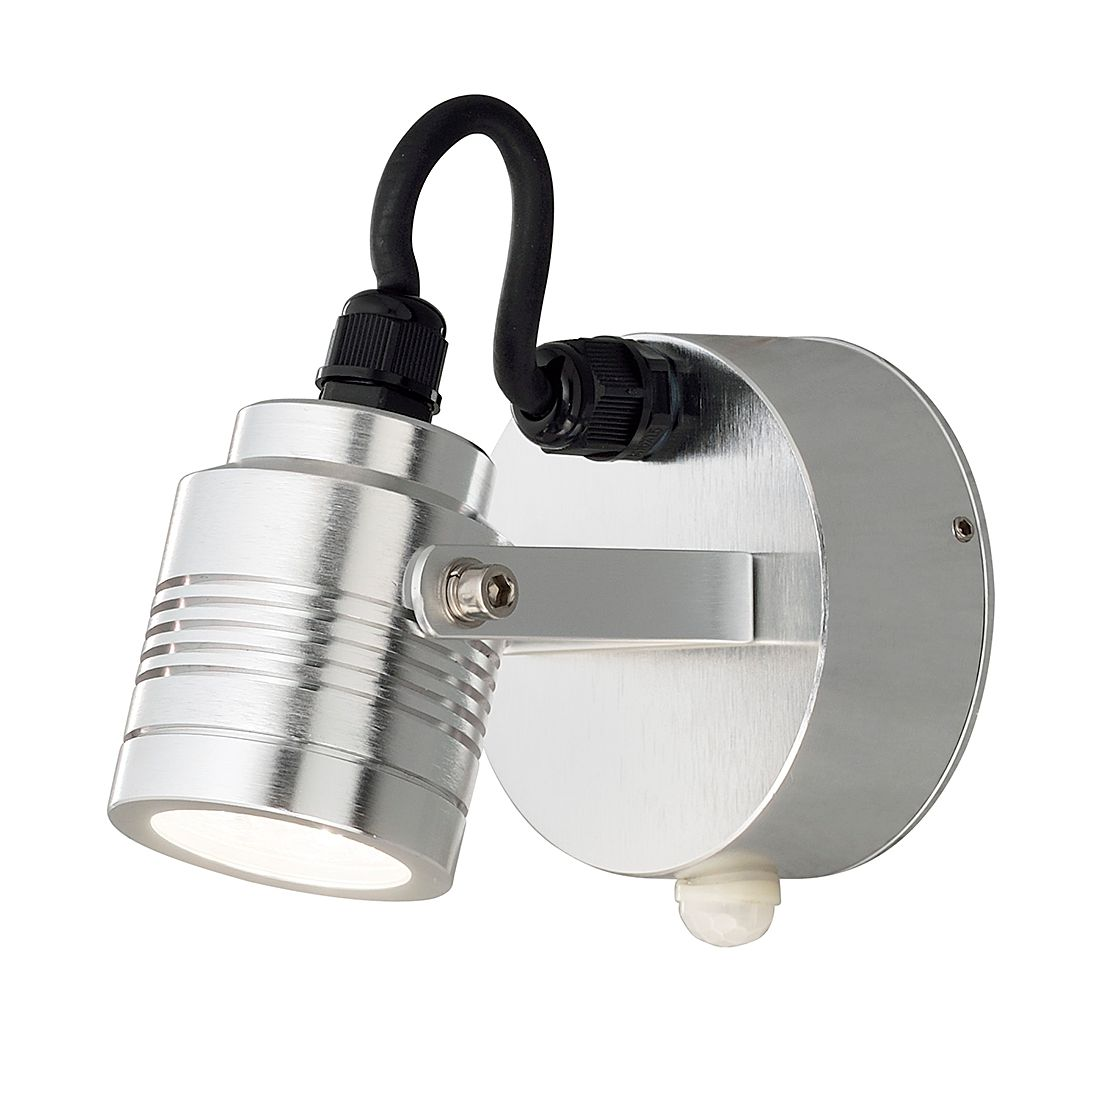 EEK A+, LED Wandleuchte Monza Medium – Aluminium – 3-flammig, Konstsmide bestellen